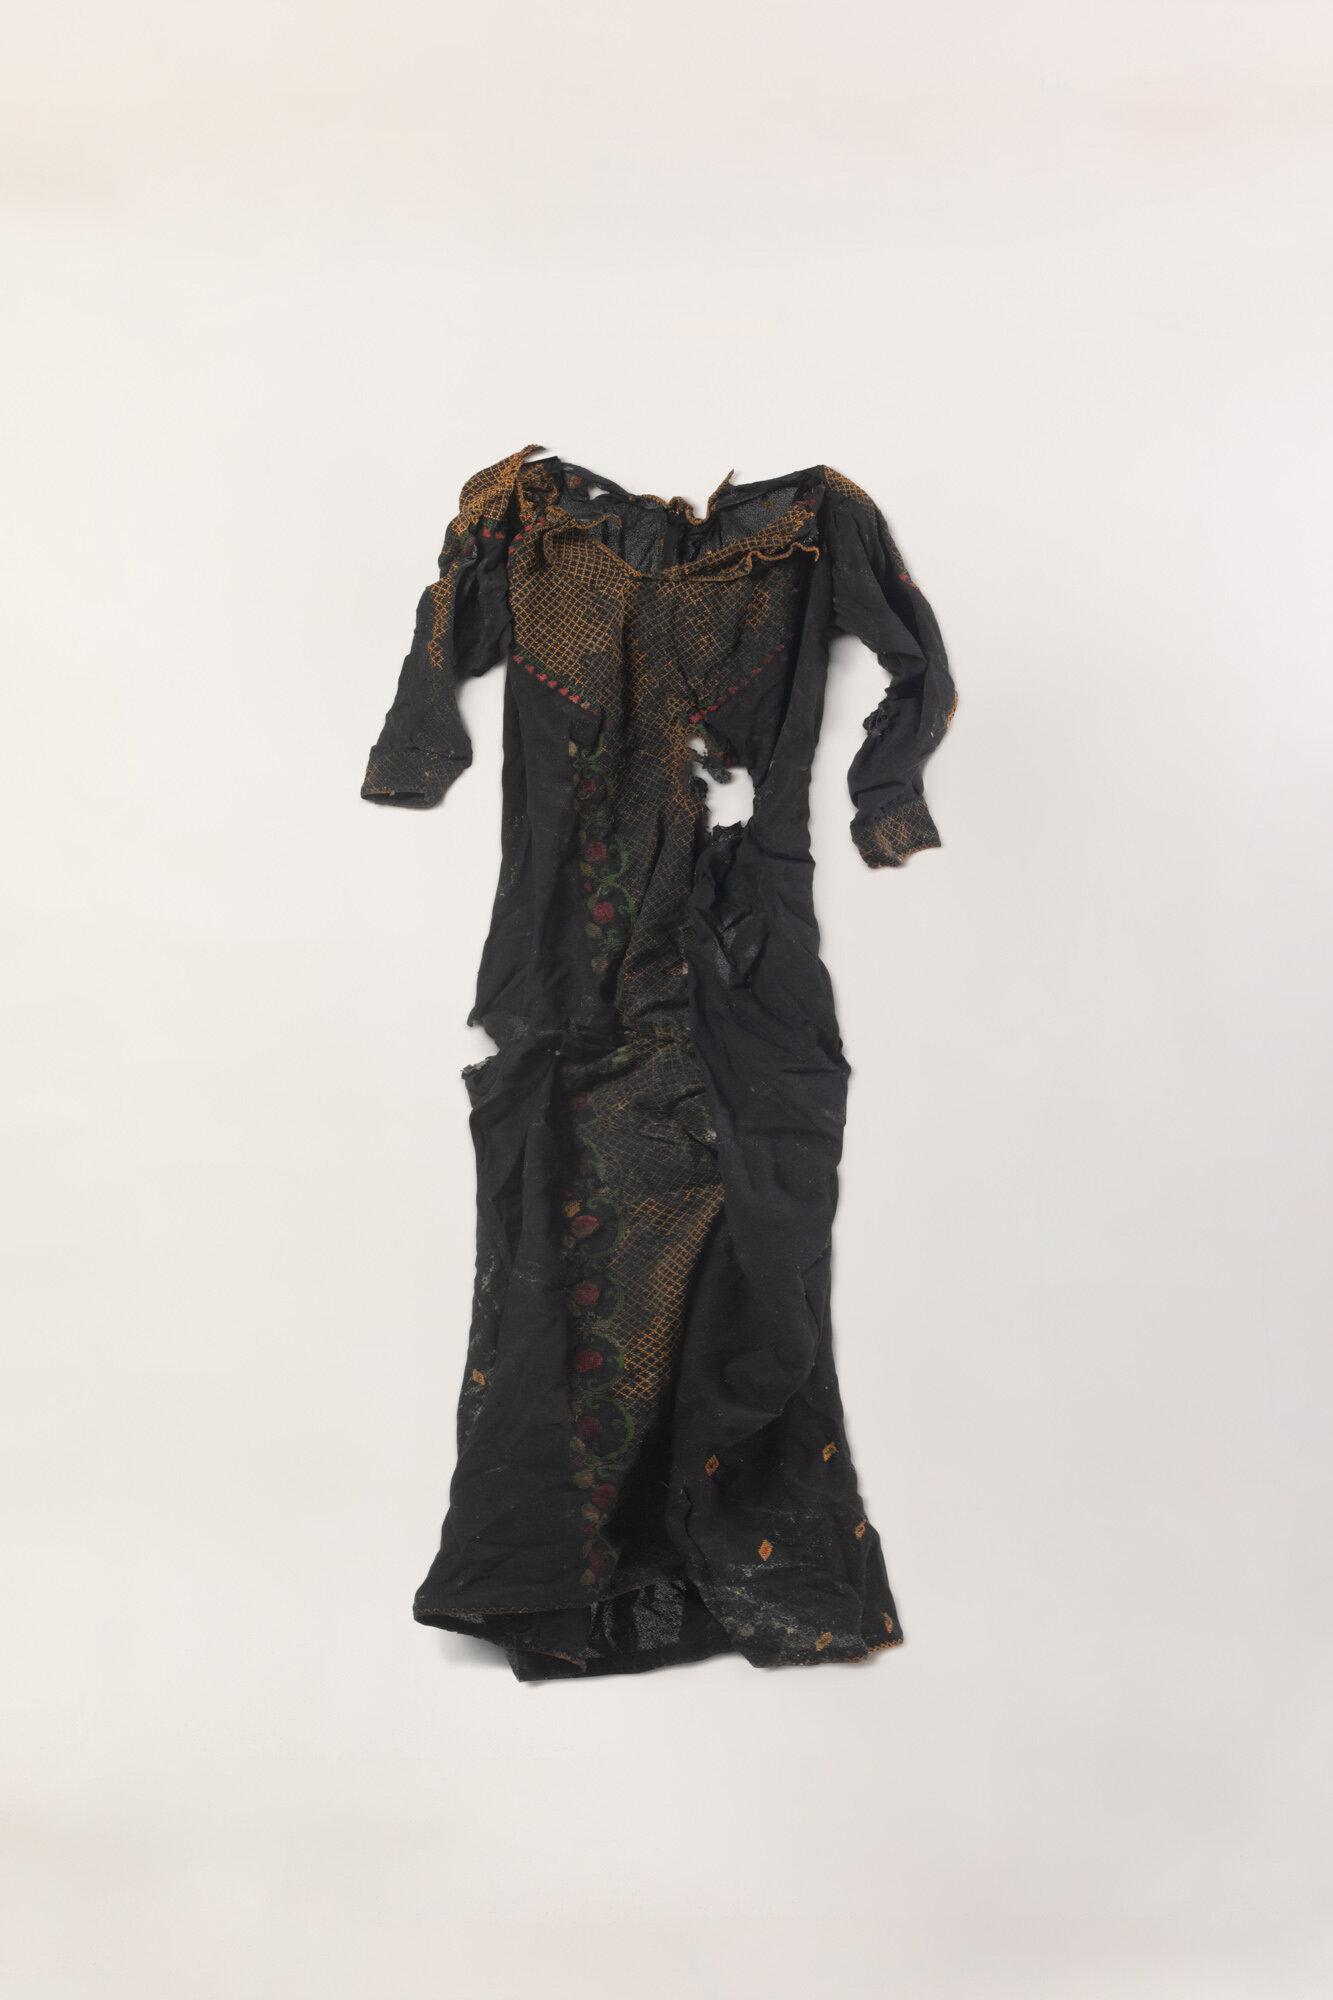 Dress6DressOnNaturalBackgroundV2.jpg